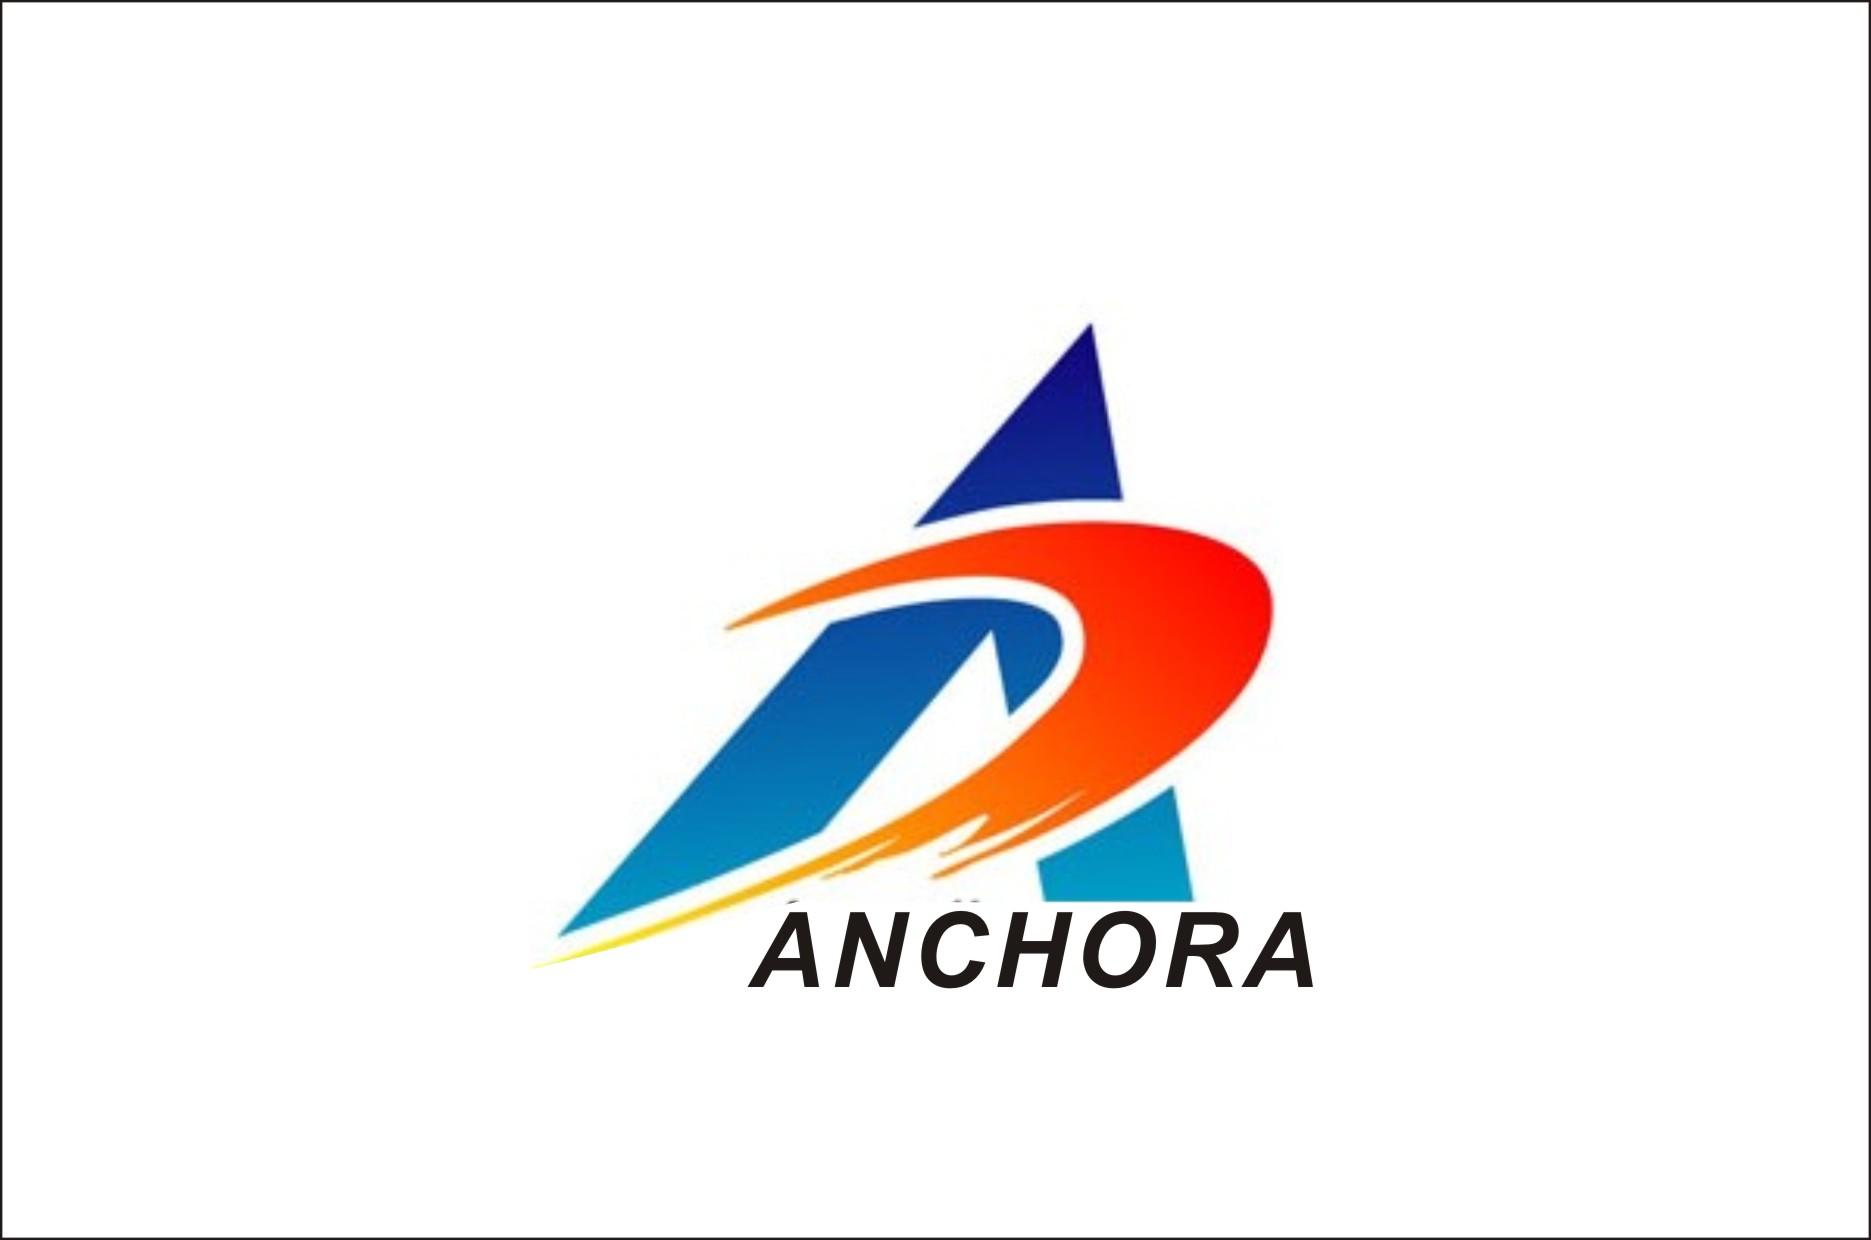 高科技企业logo设计